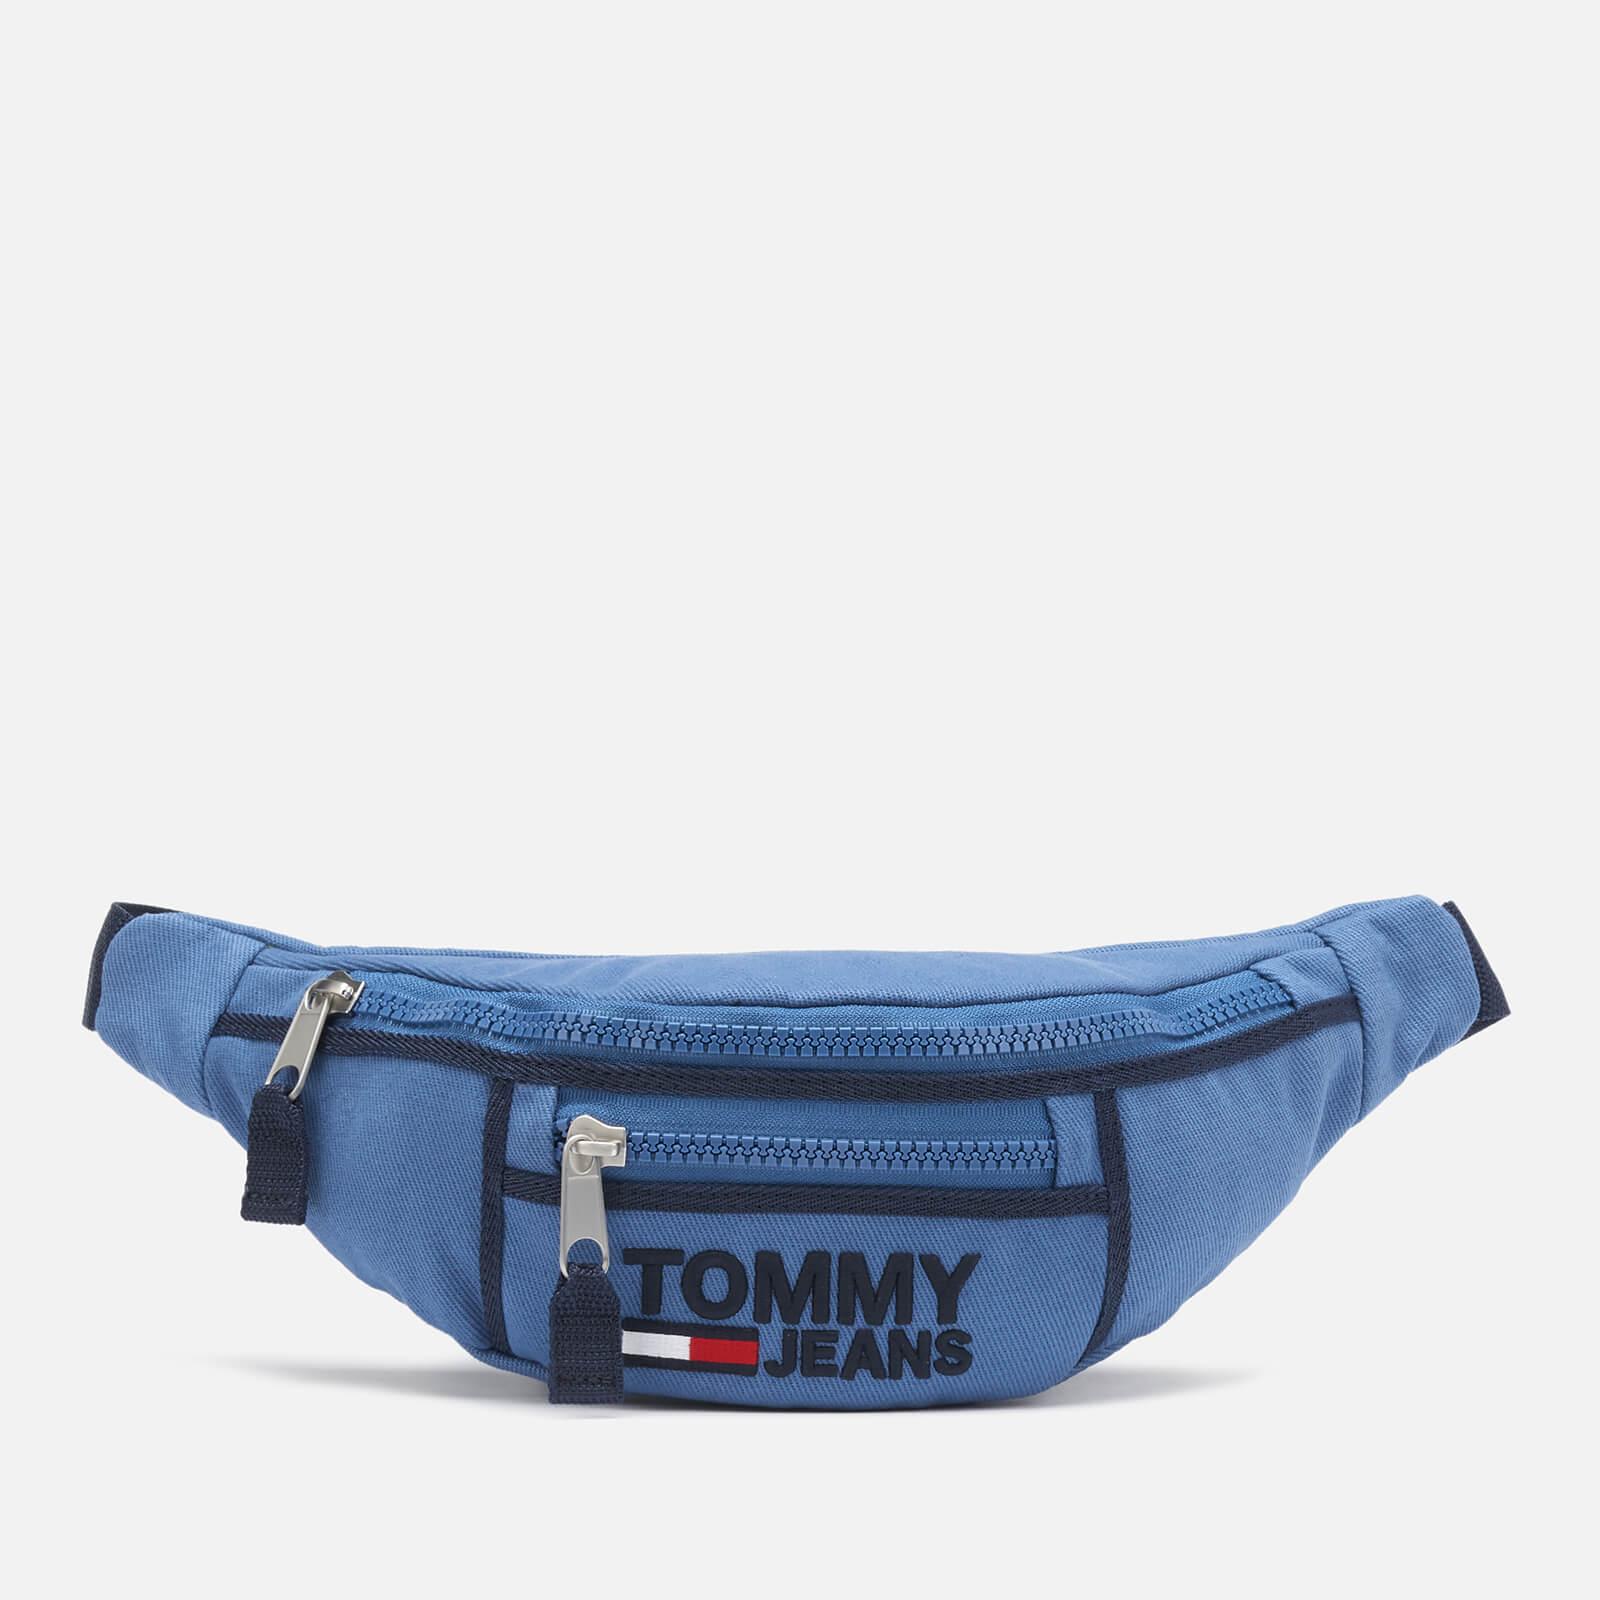 Tommy Jeans Men's Heritage Bum Bag - Federal Blue